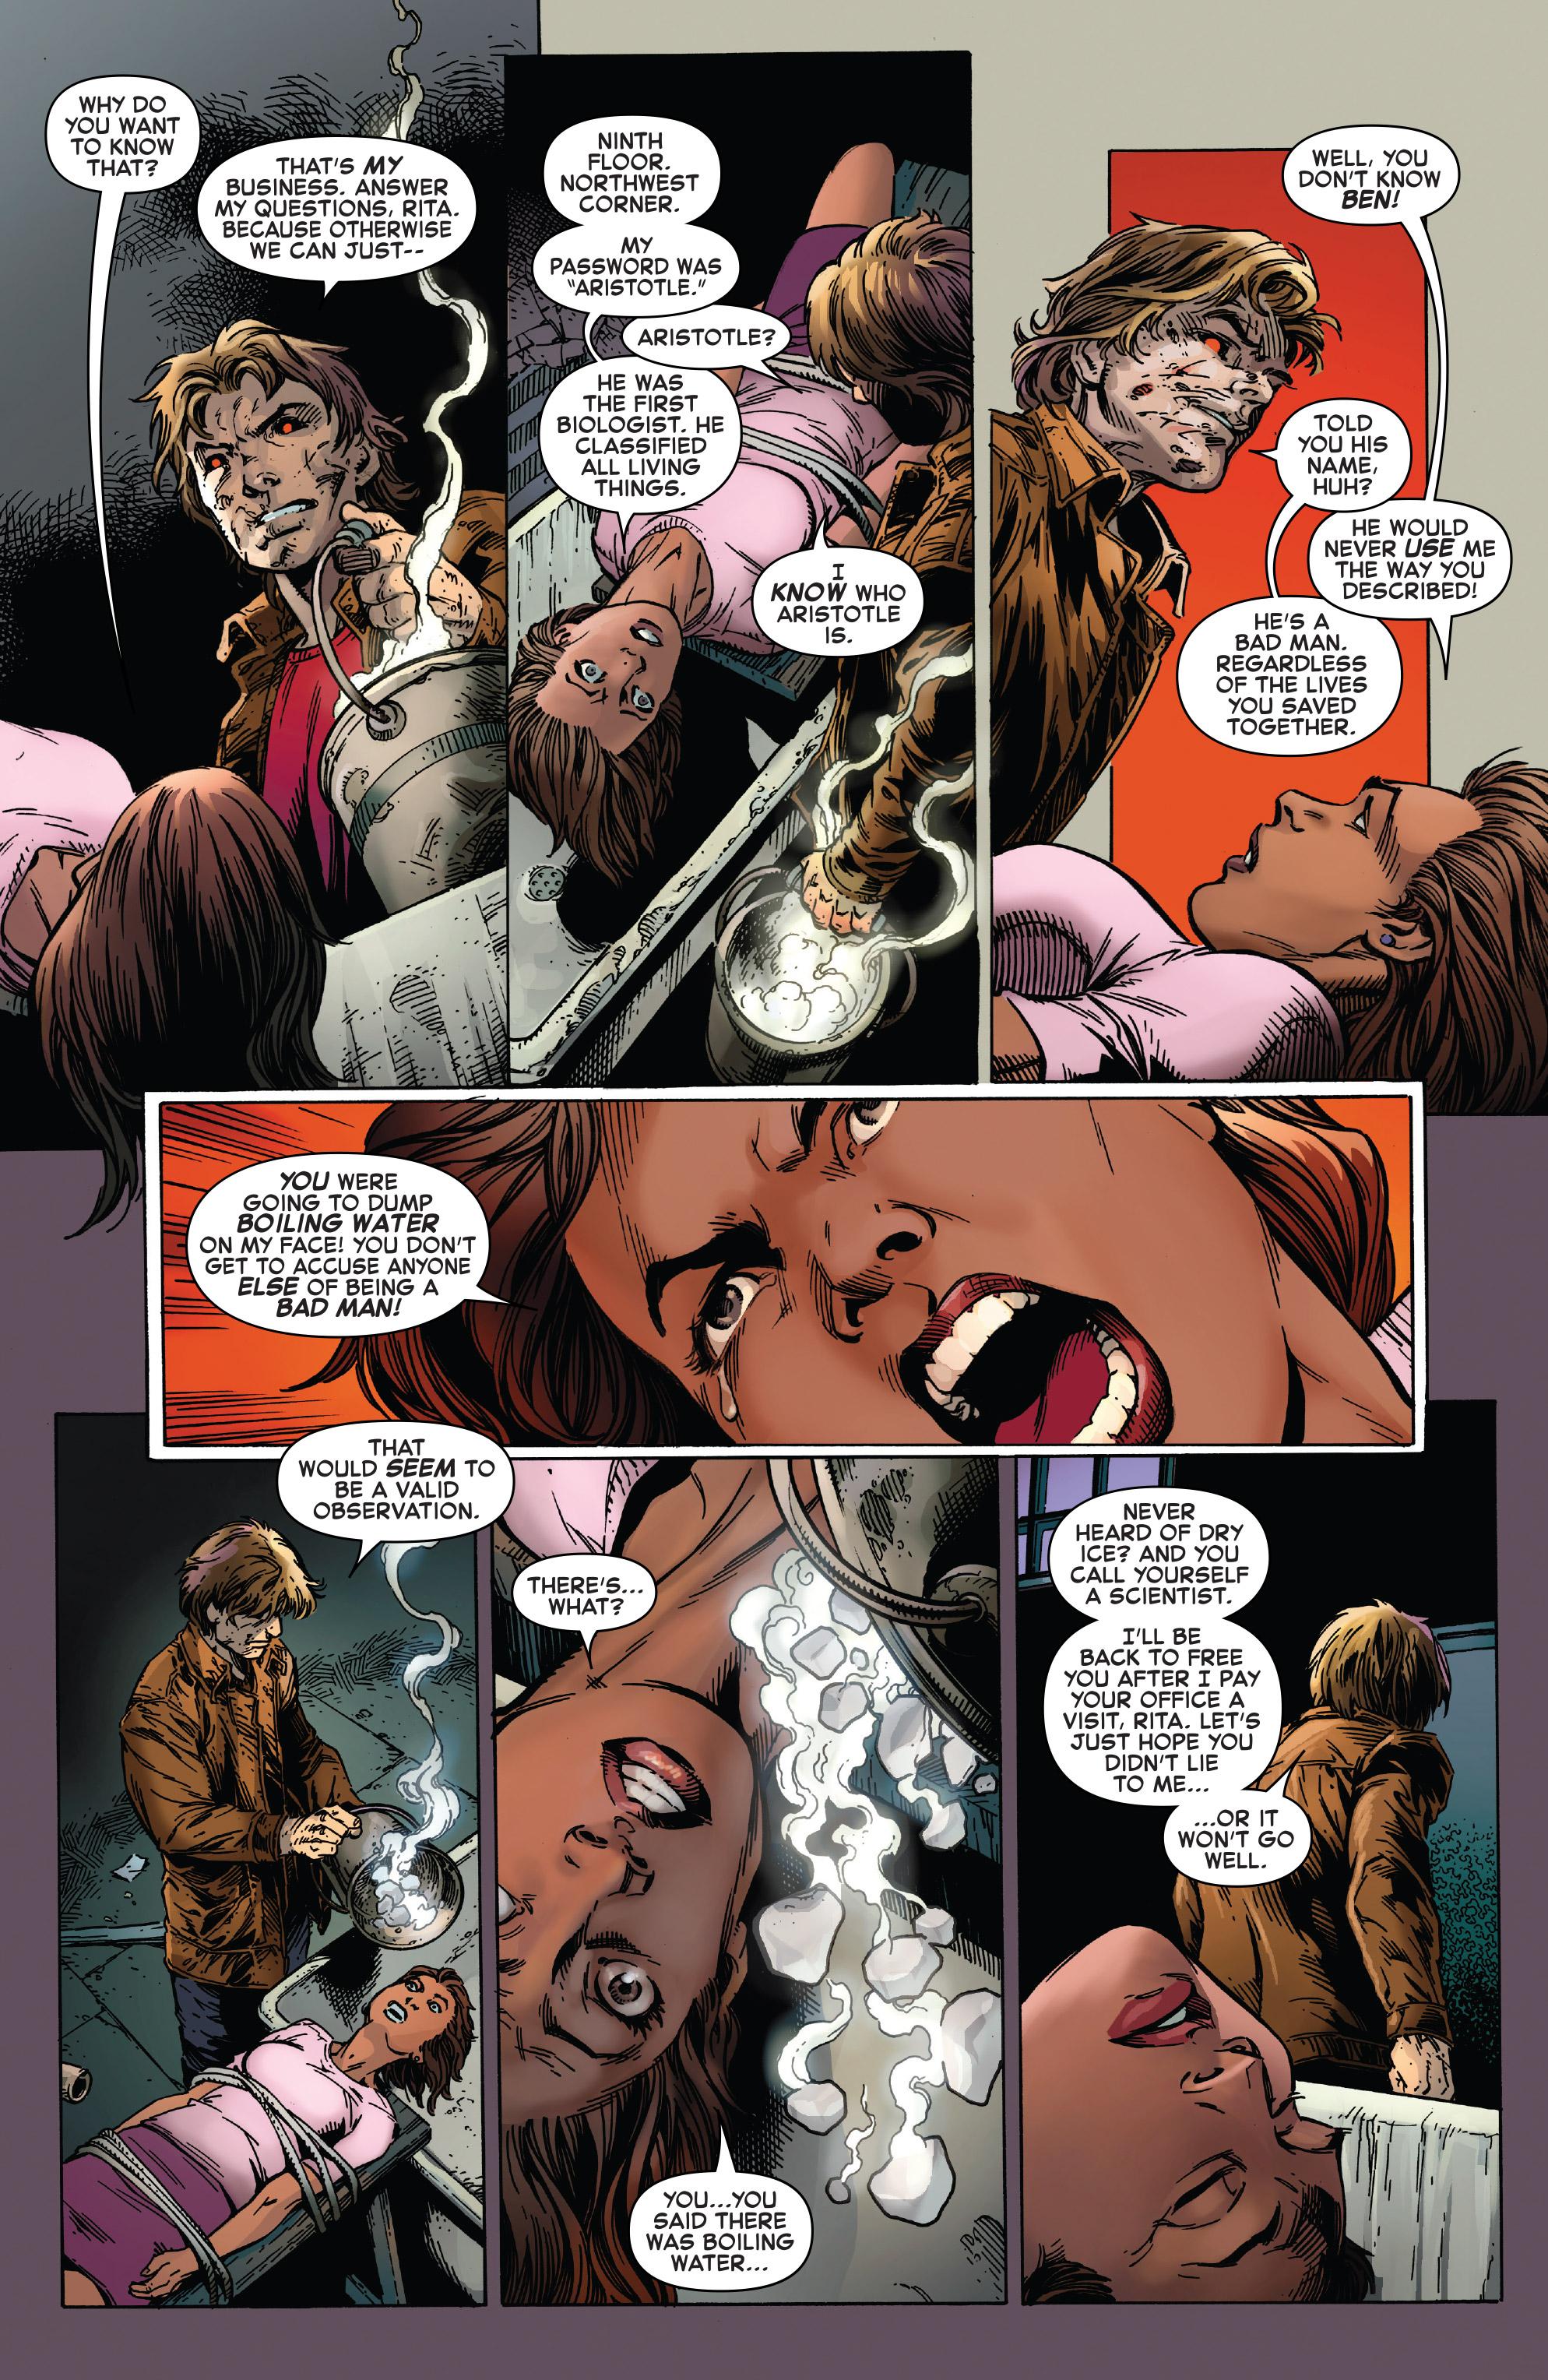 Read online Ben Reilly: Scarlet Spider comic -  Issue #2 - 9